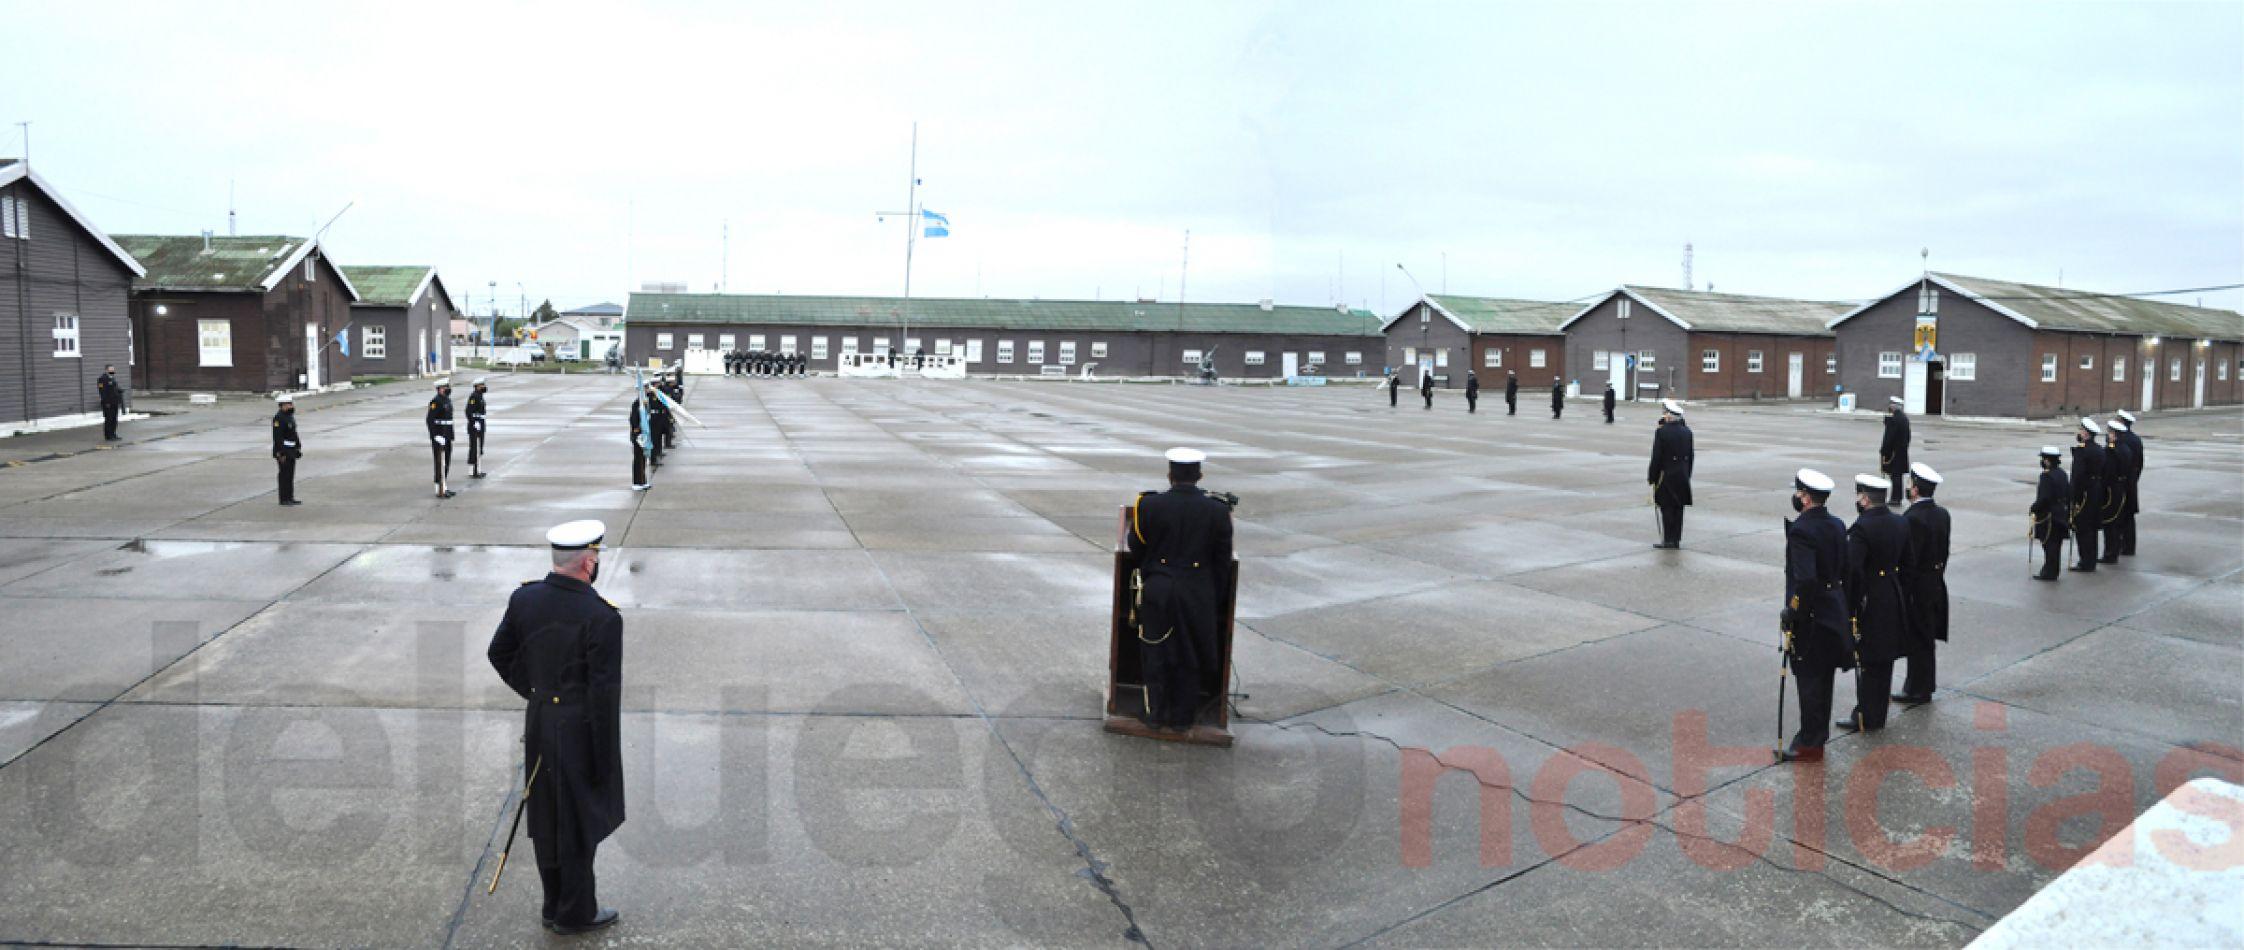 La Plaza de Armas del BIM 5 fue el lugar donde se realizó la ceremonia por el 207 aniversario de la Armada Argentina.